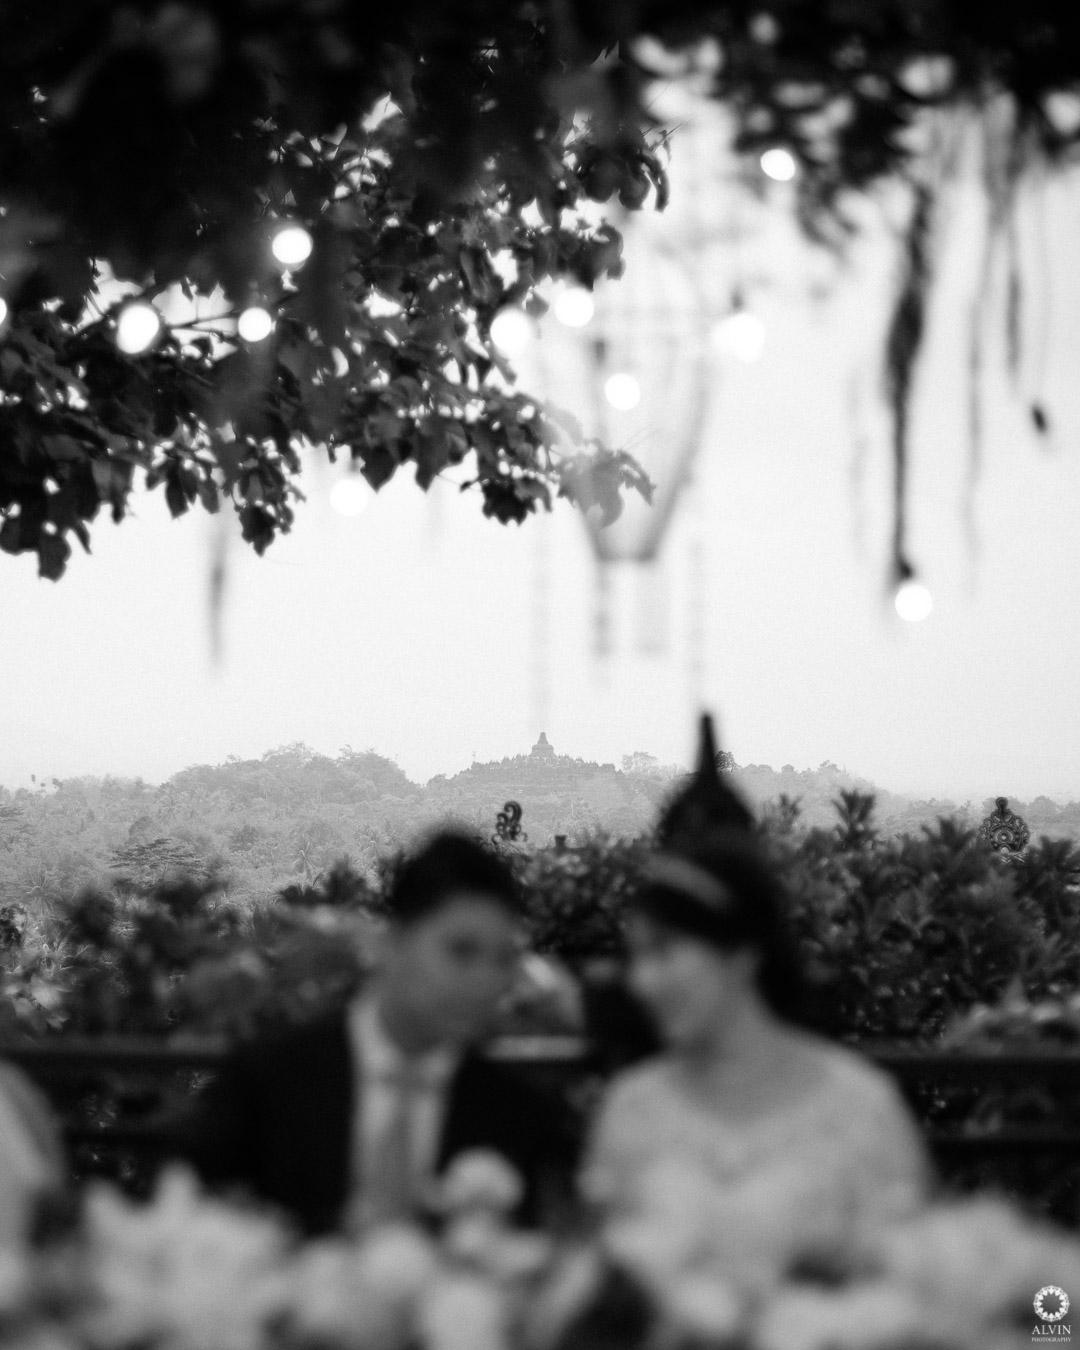 DSCF1193 : Dinda & Gonzaga Wedding